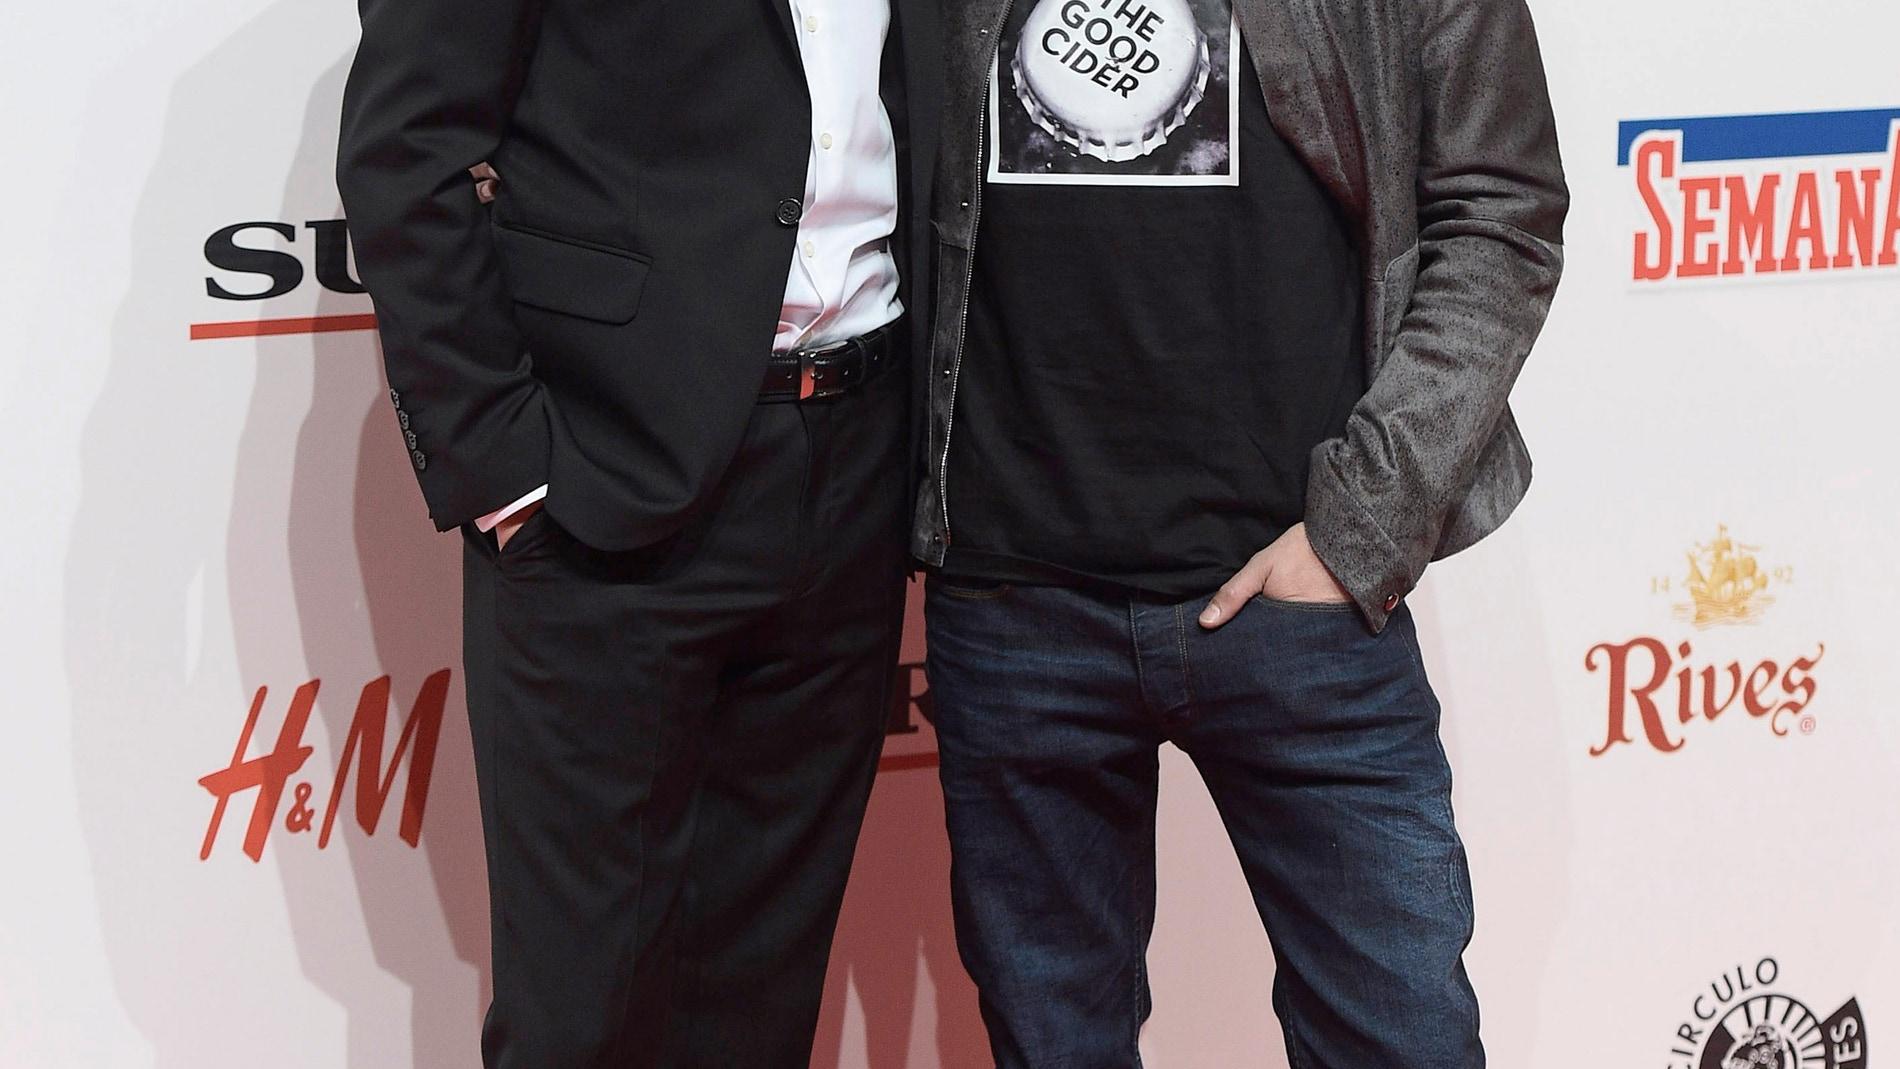 Aitor Luna y Yon González, dos hermanos posando en el photocall